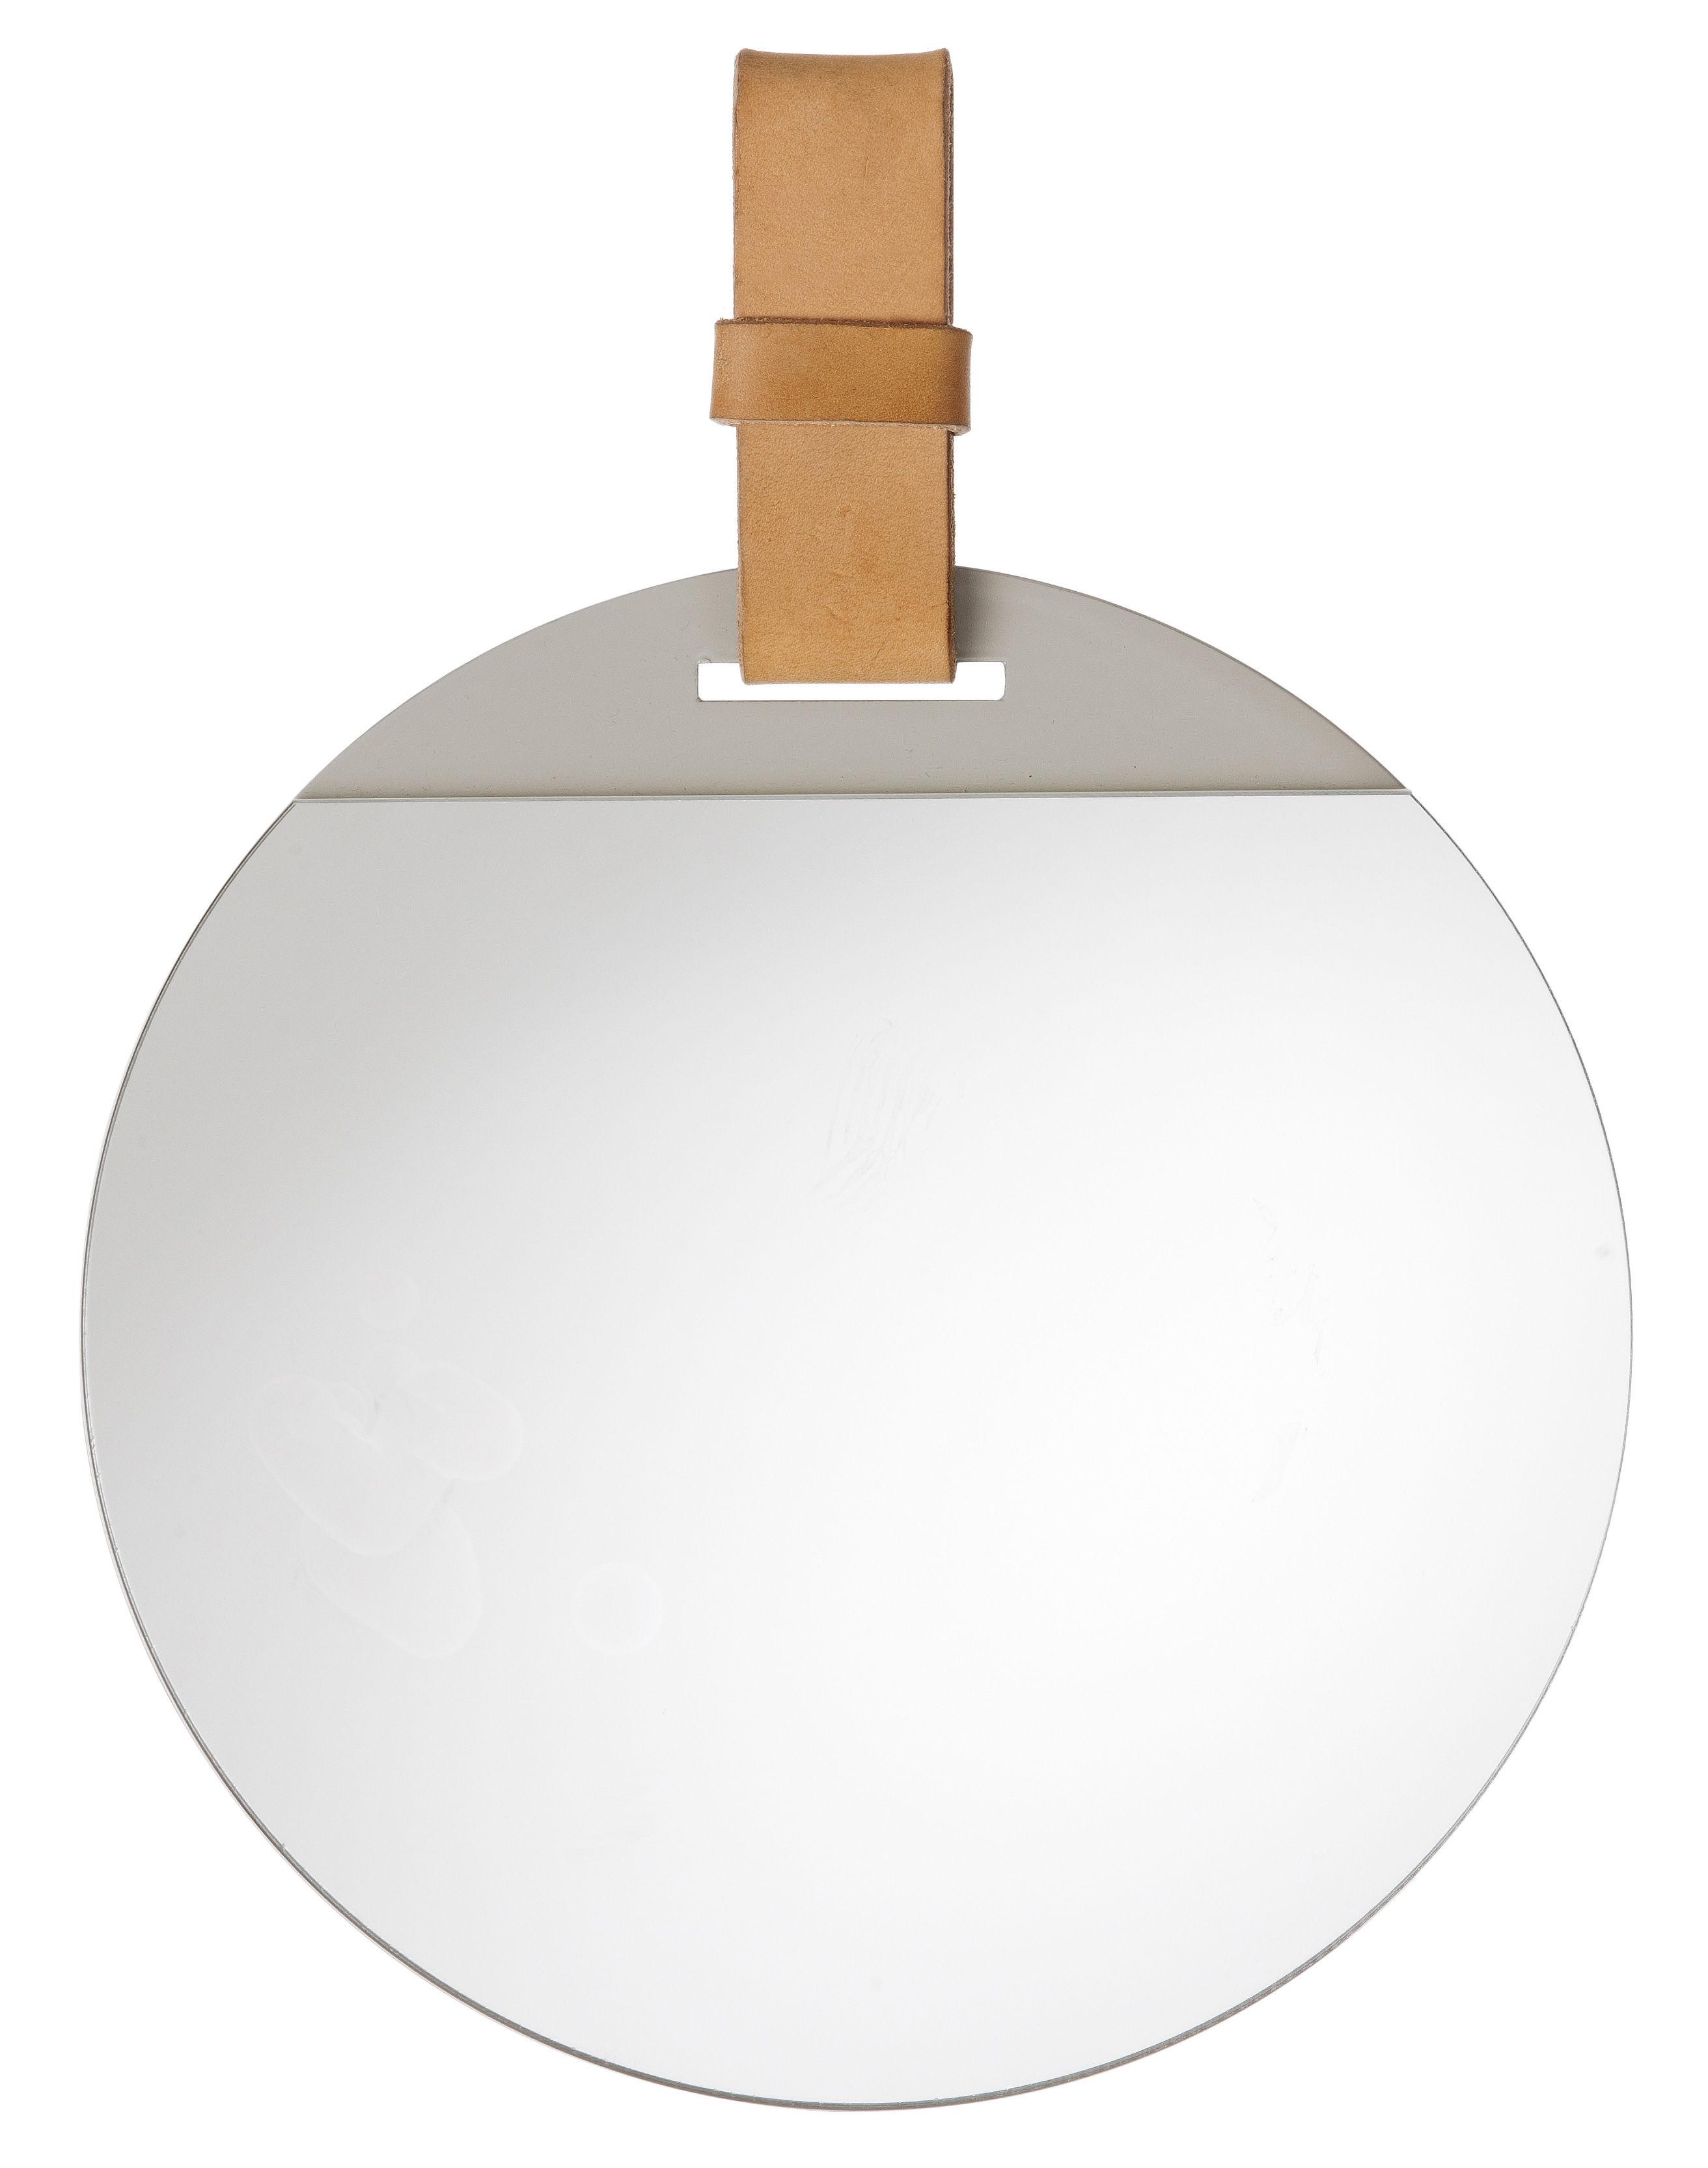 Interni - Specchi - Specchio murale Enter - / Ø 26 cm di Ferm Living - Cuoio naturale - metallo verniciato, Pelle, Vetro